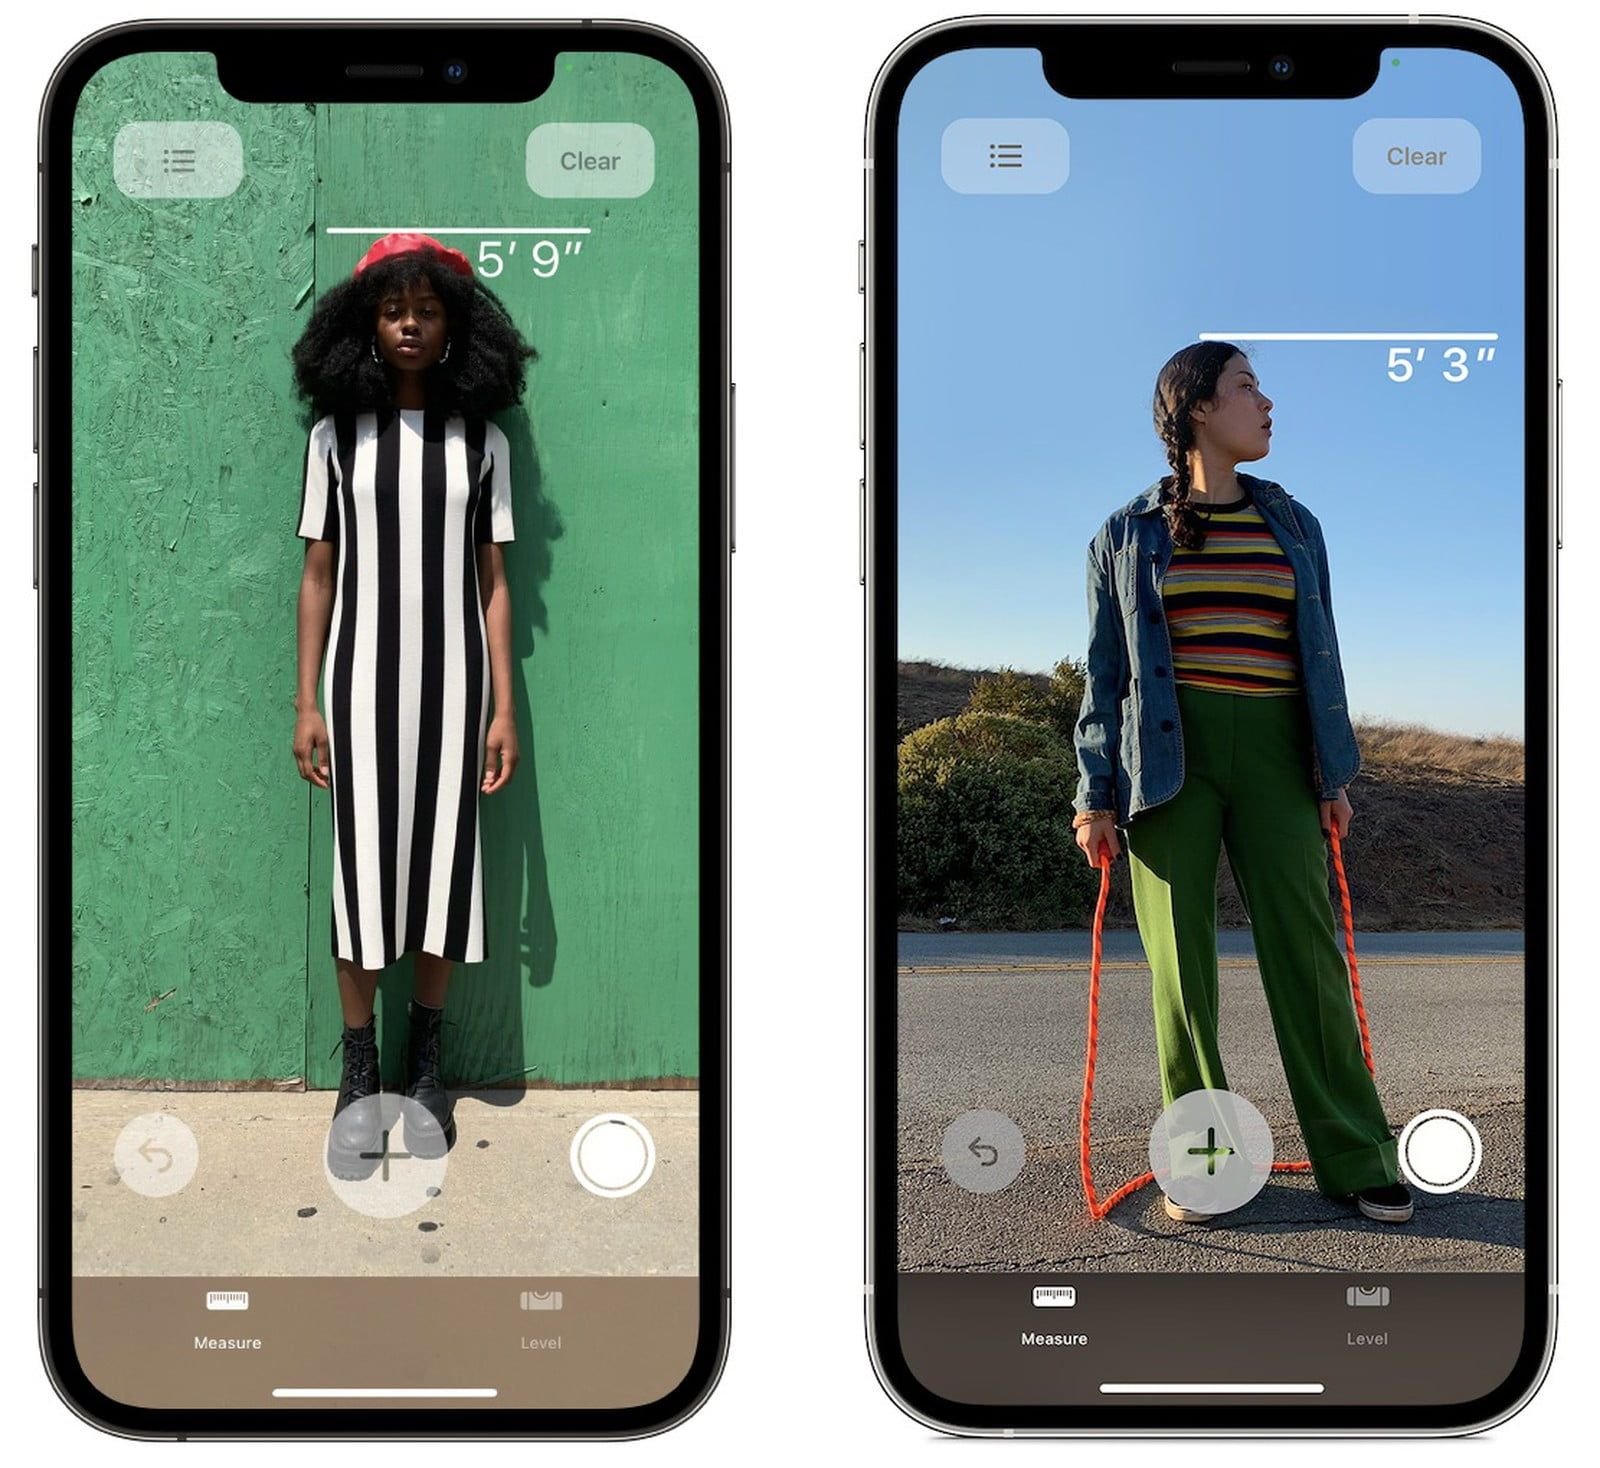 iPhone 12 Pro pozwala wykonać pomiar wysokości osoby, dzięki skanerowi LiDAR